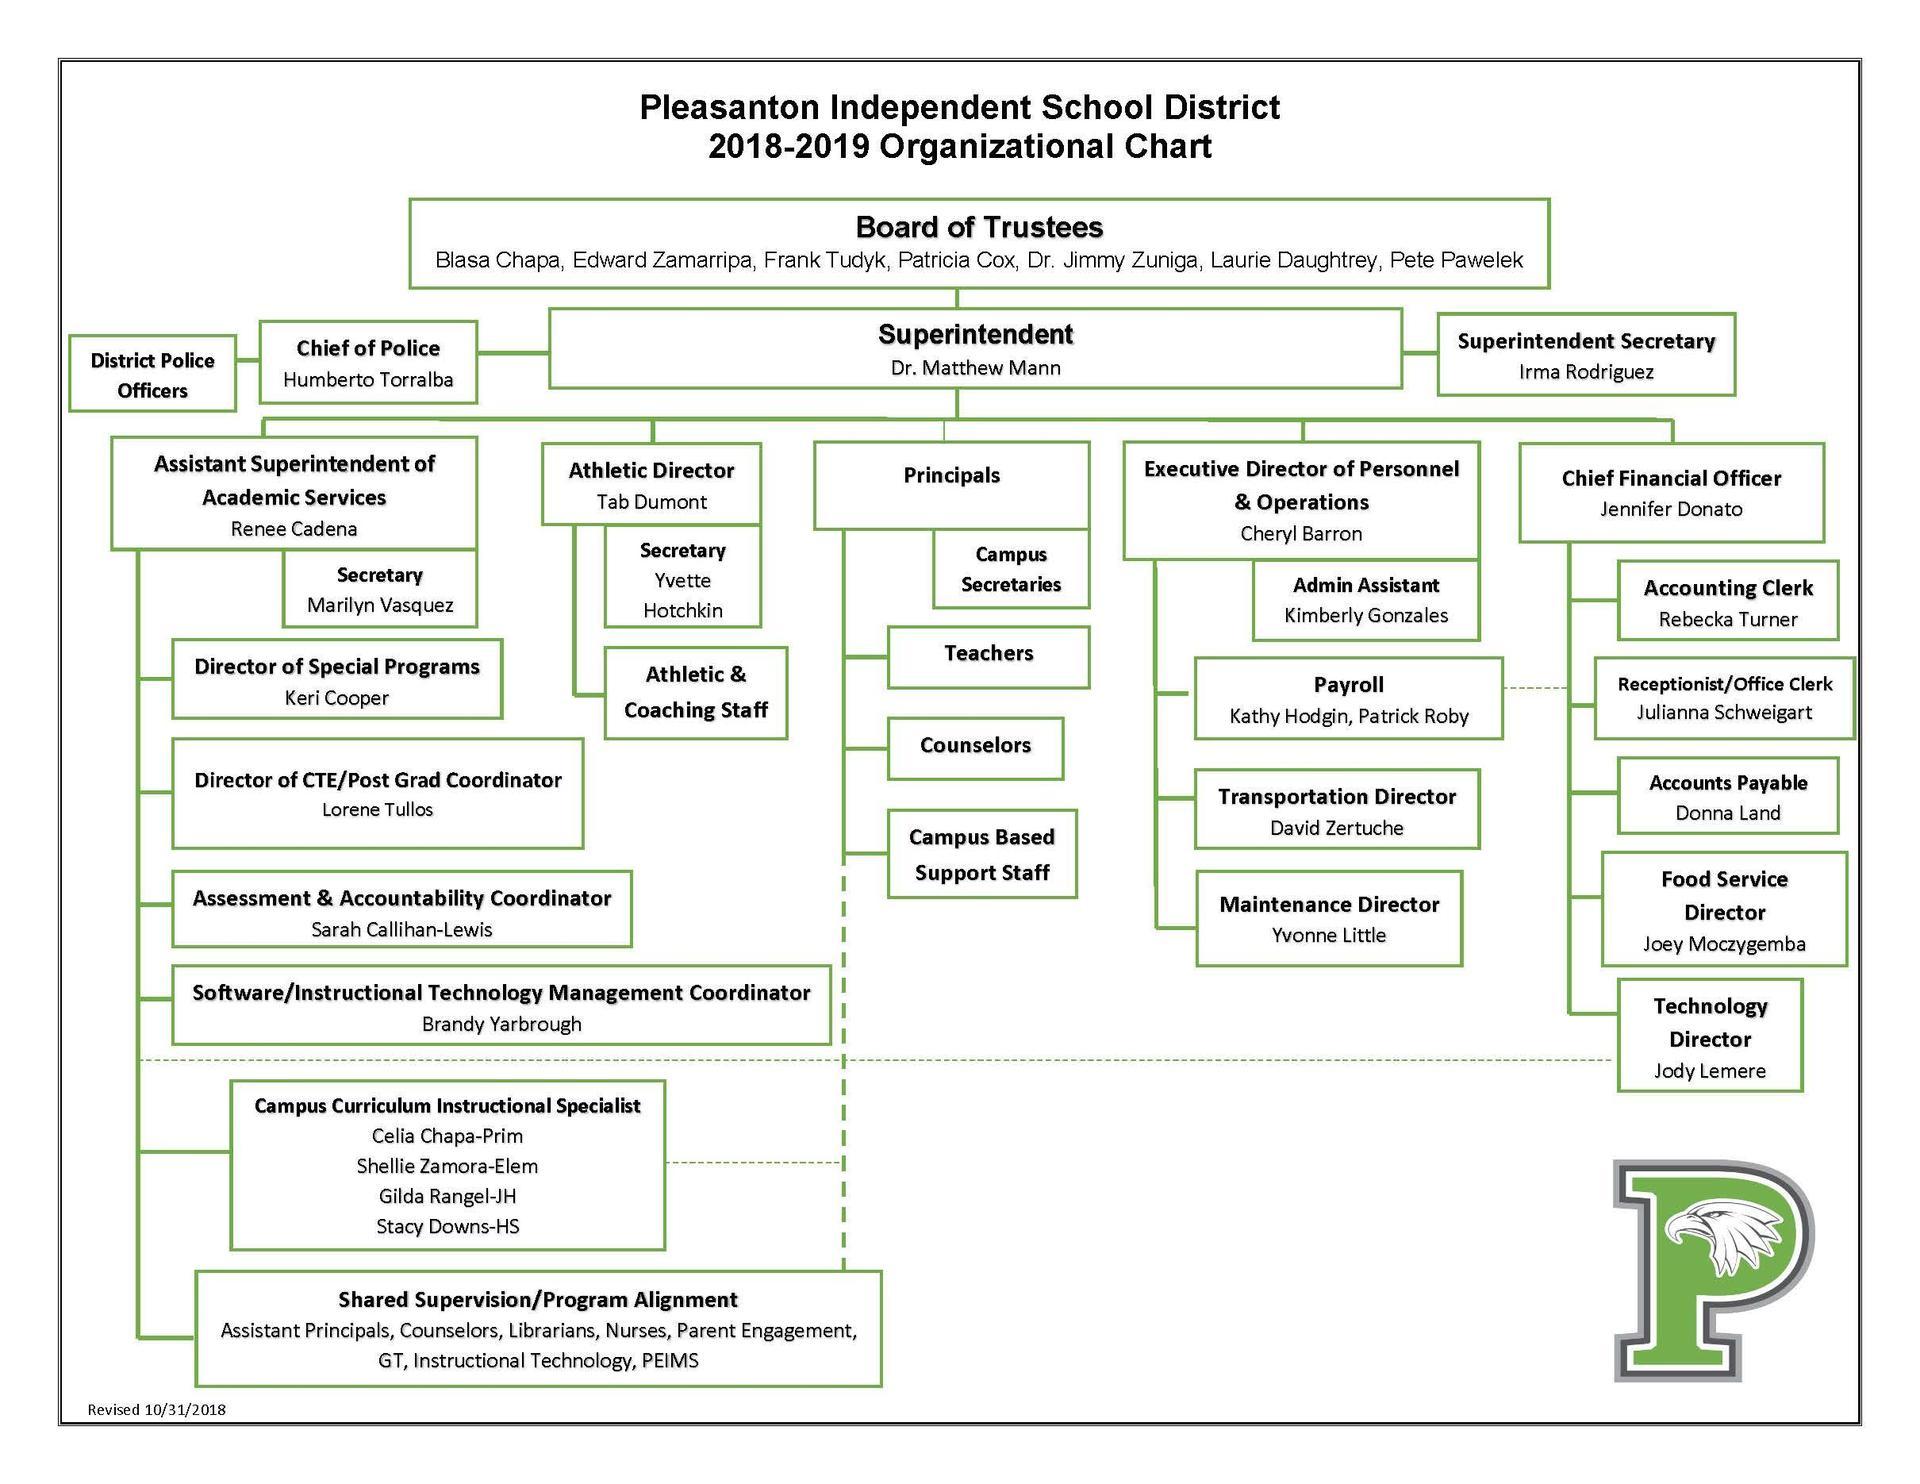 2018-2019 Organizational Chart